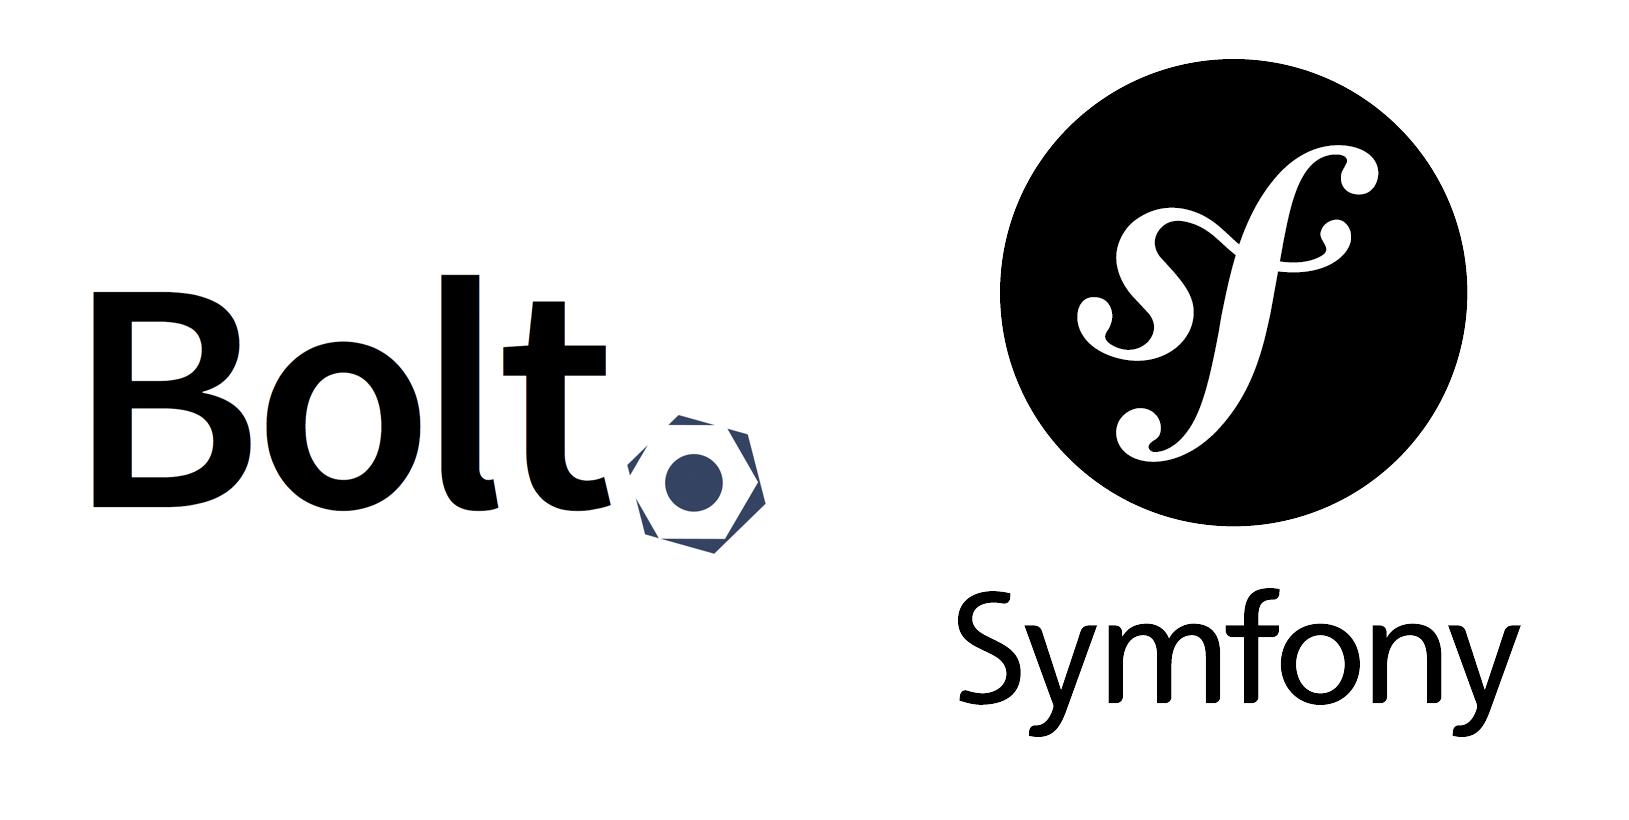 Bolt and Symfony logos